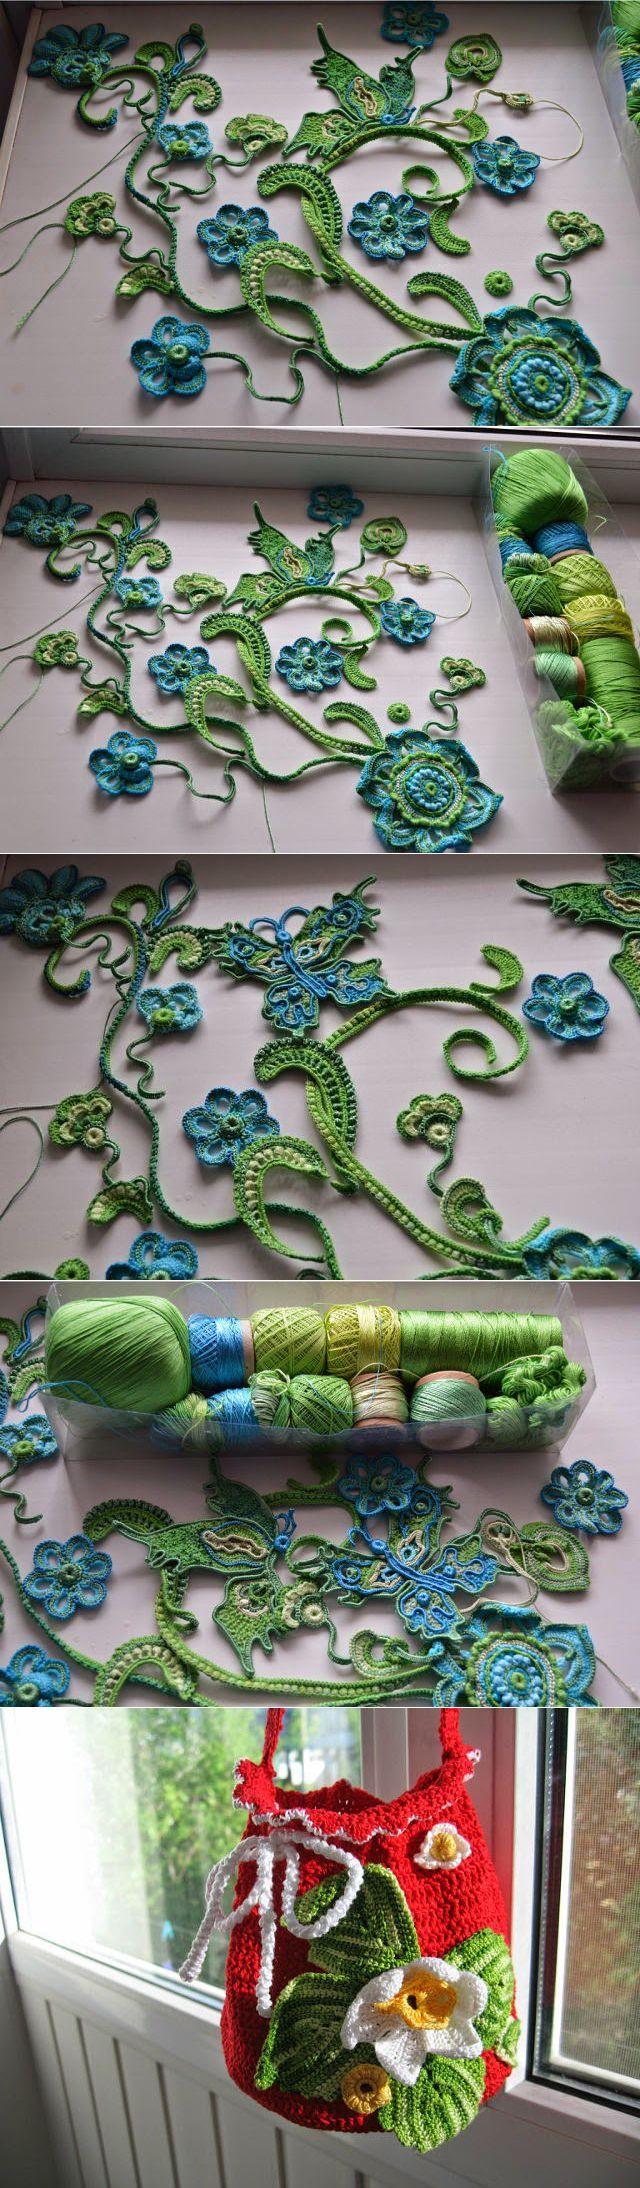 Irish crochet &: Ирландия Юлии Суворовой